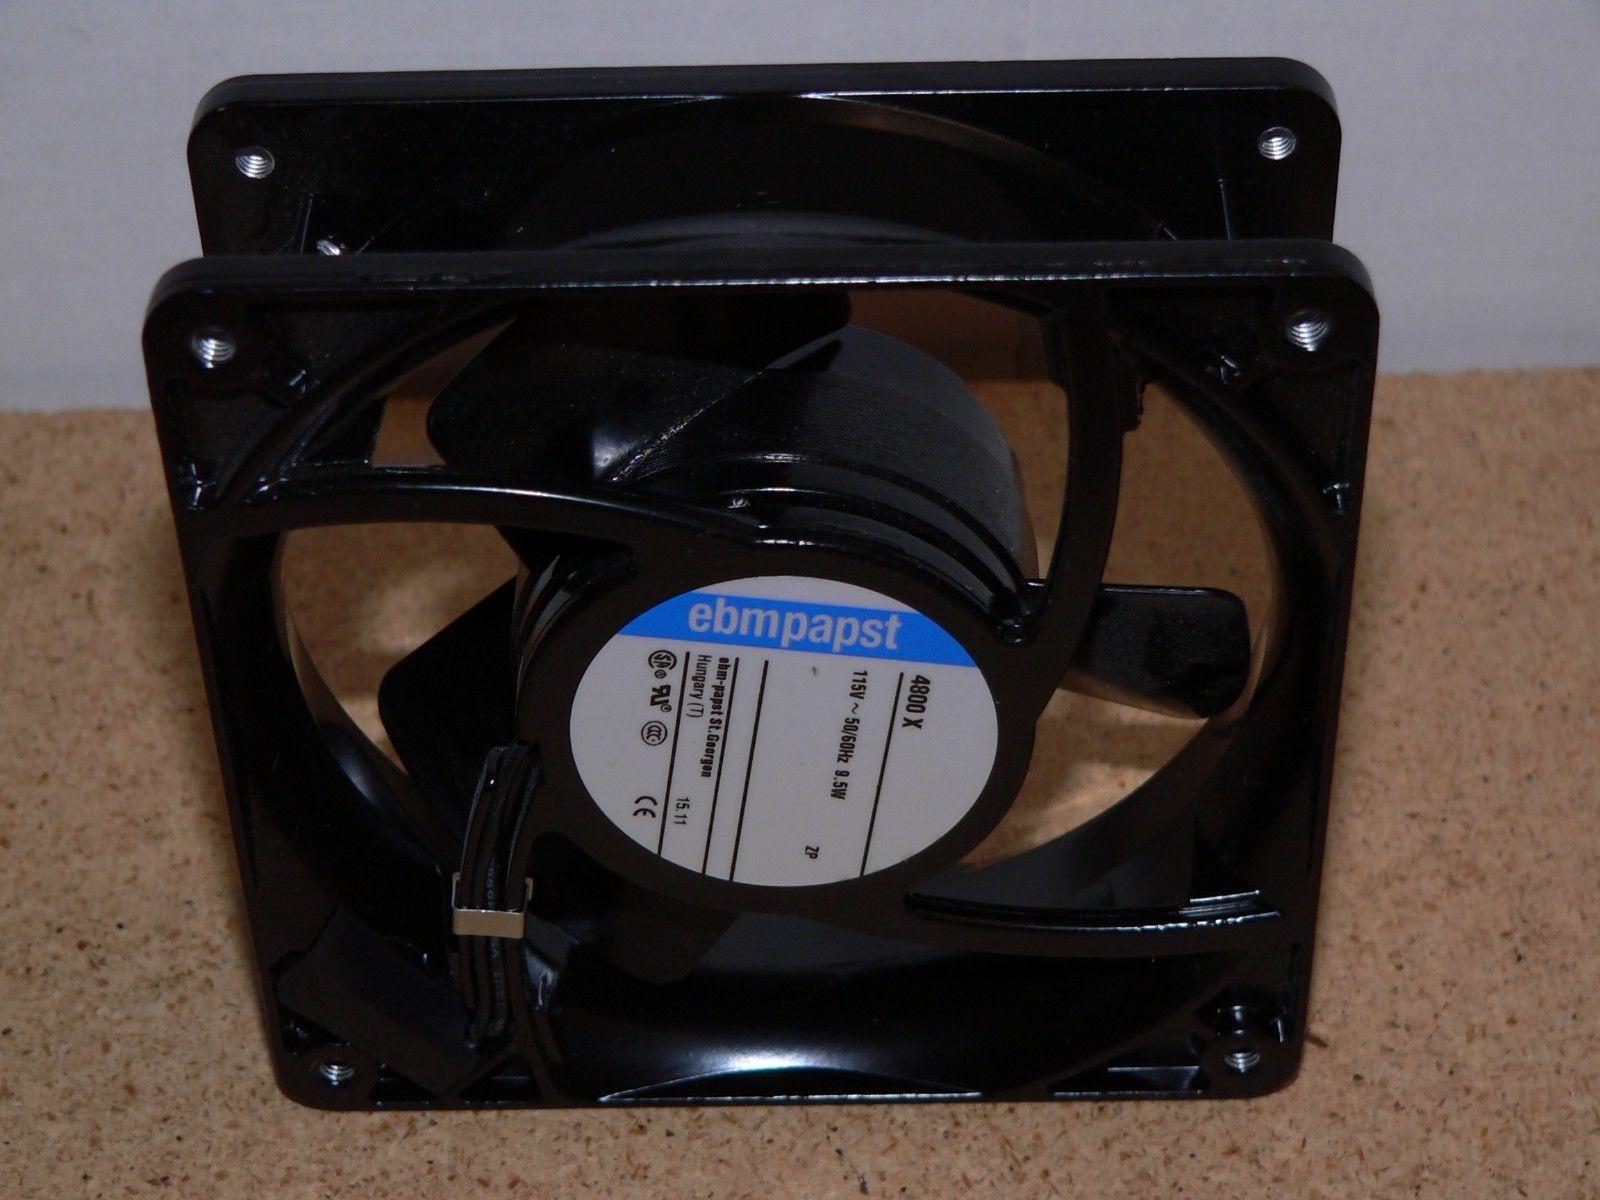 Ebm-papst 4800x 86K9865 119Mm 115VAC 50/60Hz 9.5W Axial Fan